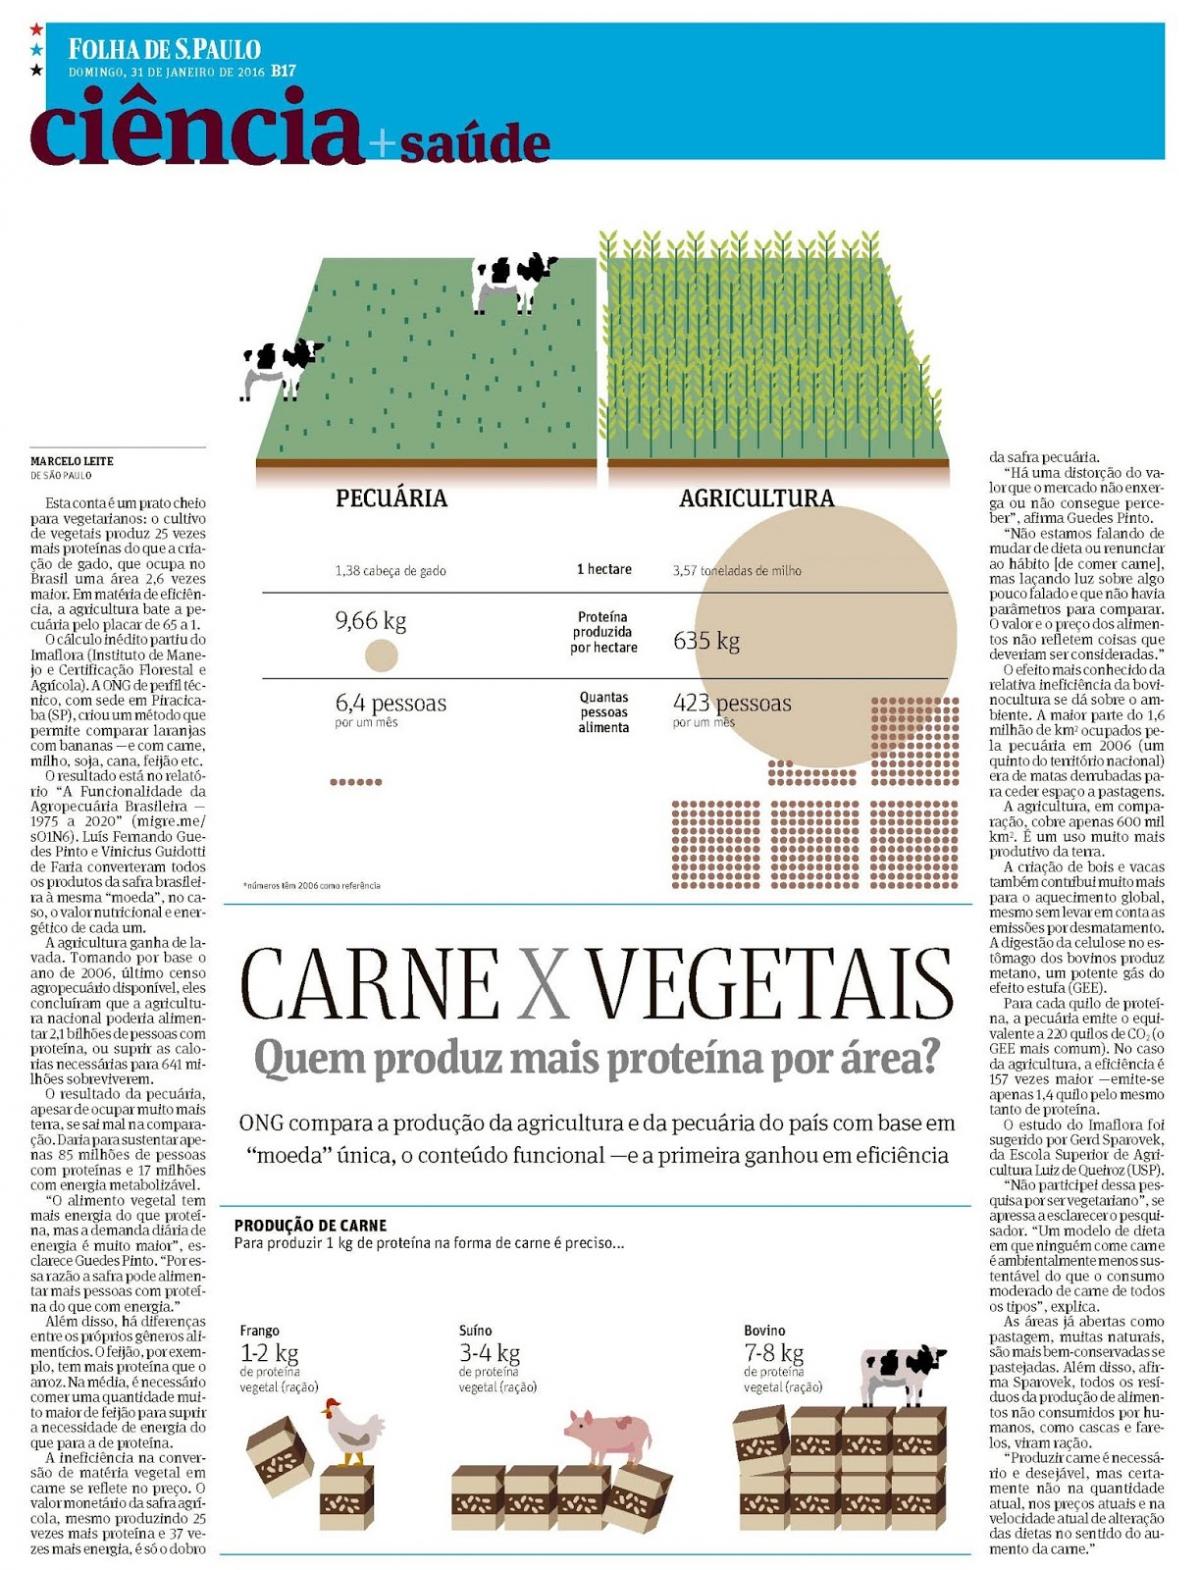 Carne x Vegetais - Quem produz mais proteína por área?